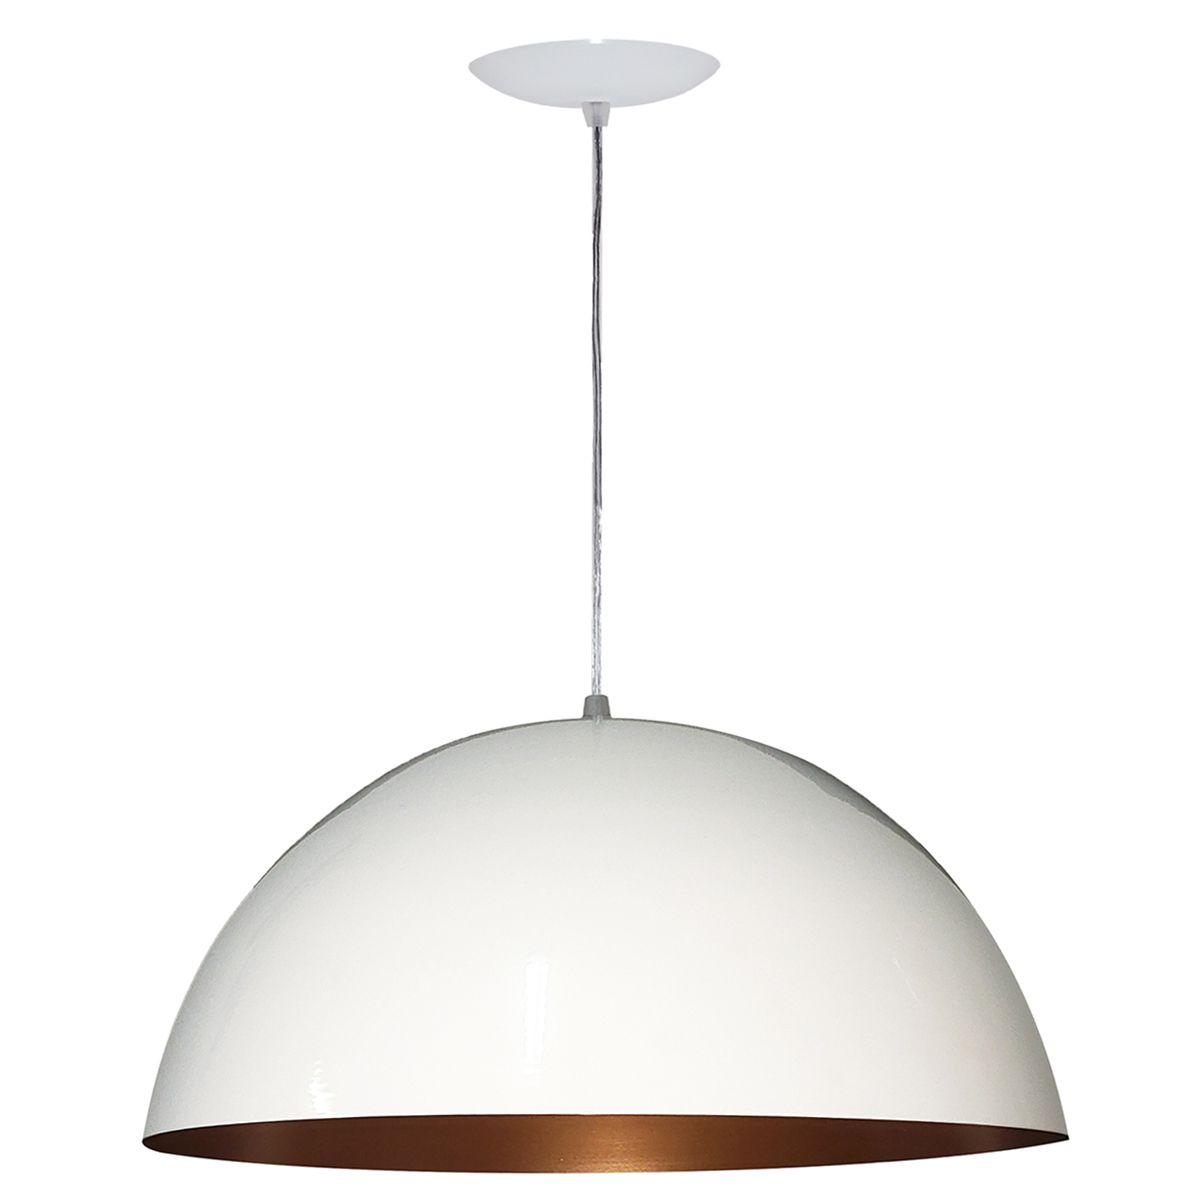 Luminária Decorativa Meia Esfera 30 Branco/Cobre Pendente